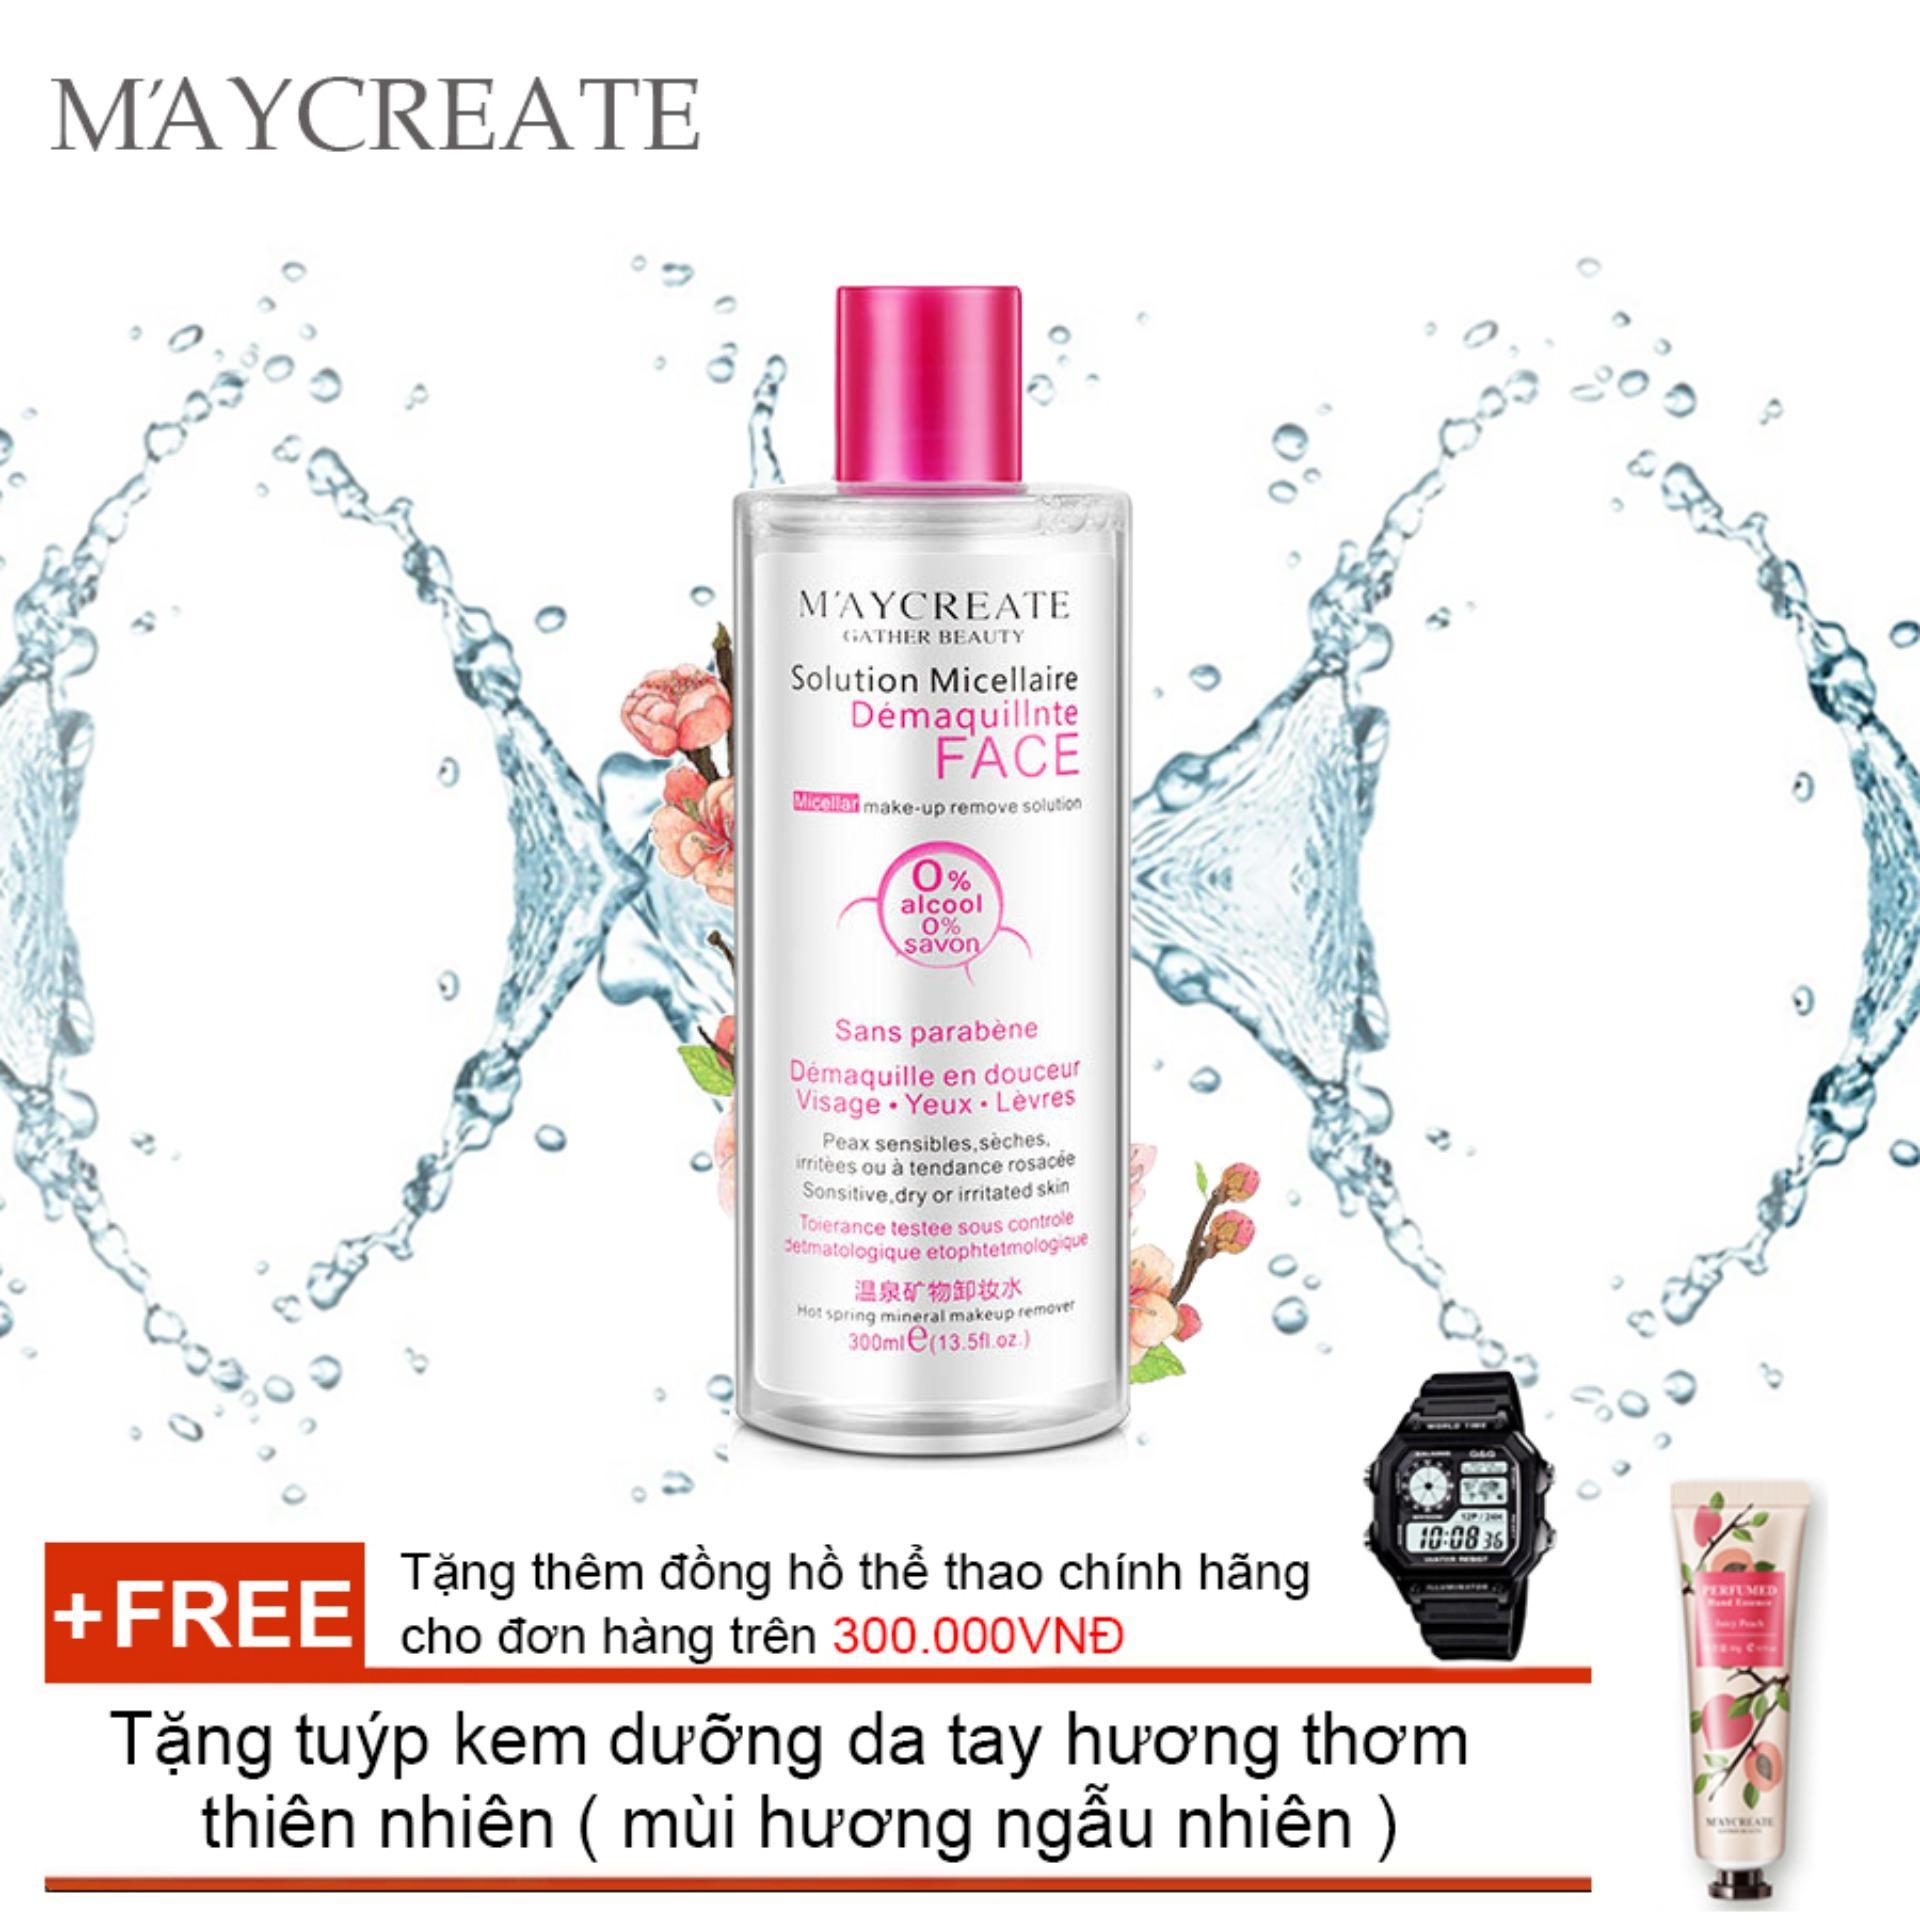 Nước tẩy trang Maycreate 300ml auth + Tặng tuýp kem dưỡng da tay hương thơm thiên nhiên ( mùi hương ngẫu nhiên )